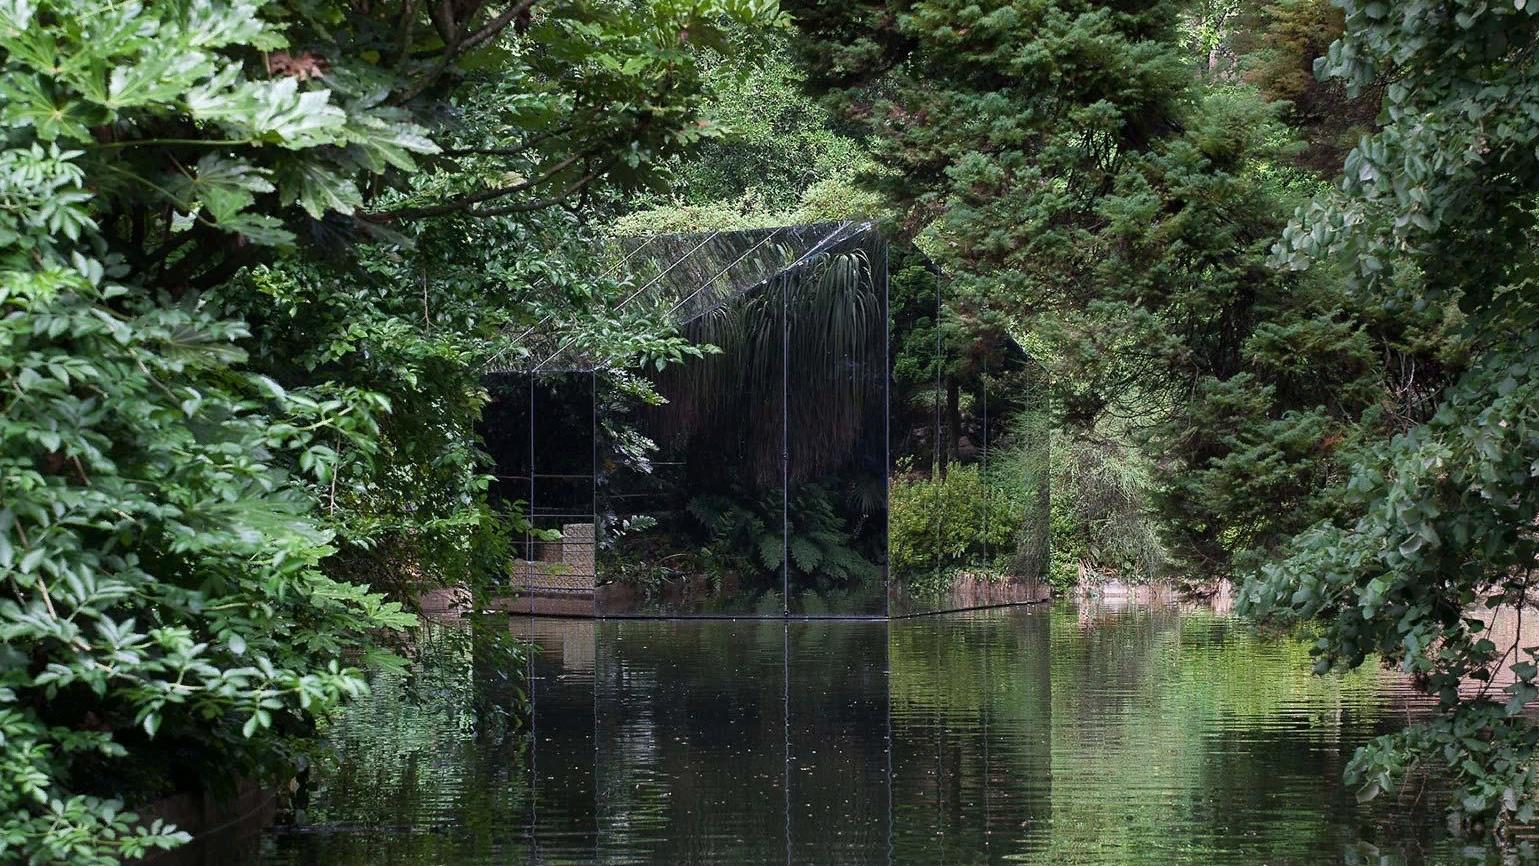 Современная зеркальная архитектура: 10 впечатляющих проектов (галерея 42, фото 5)